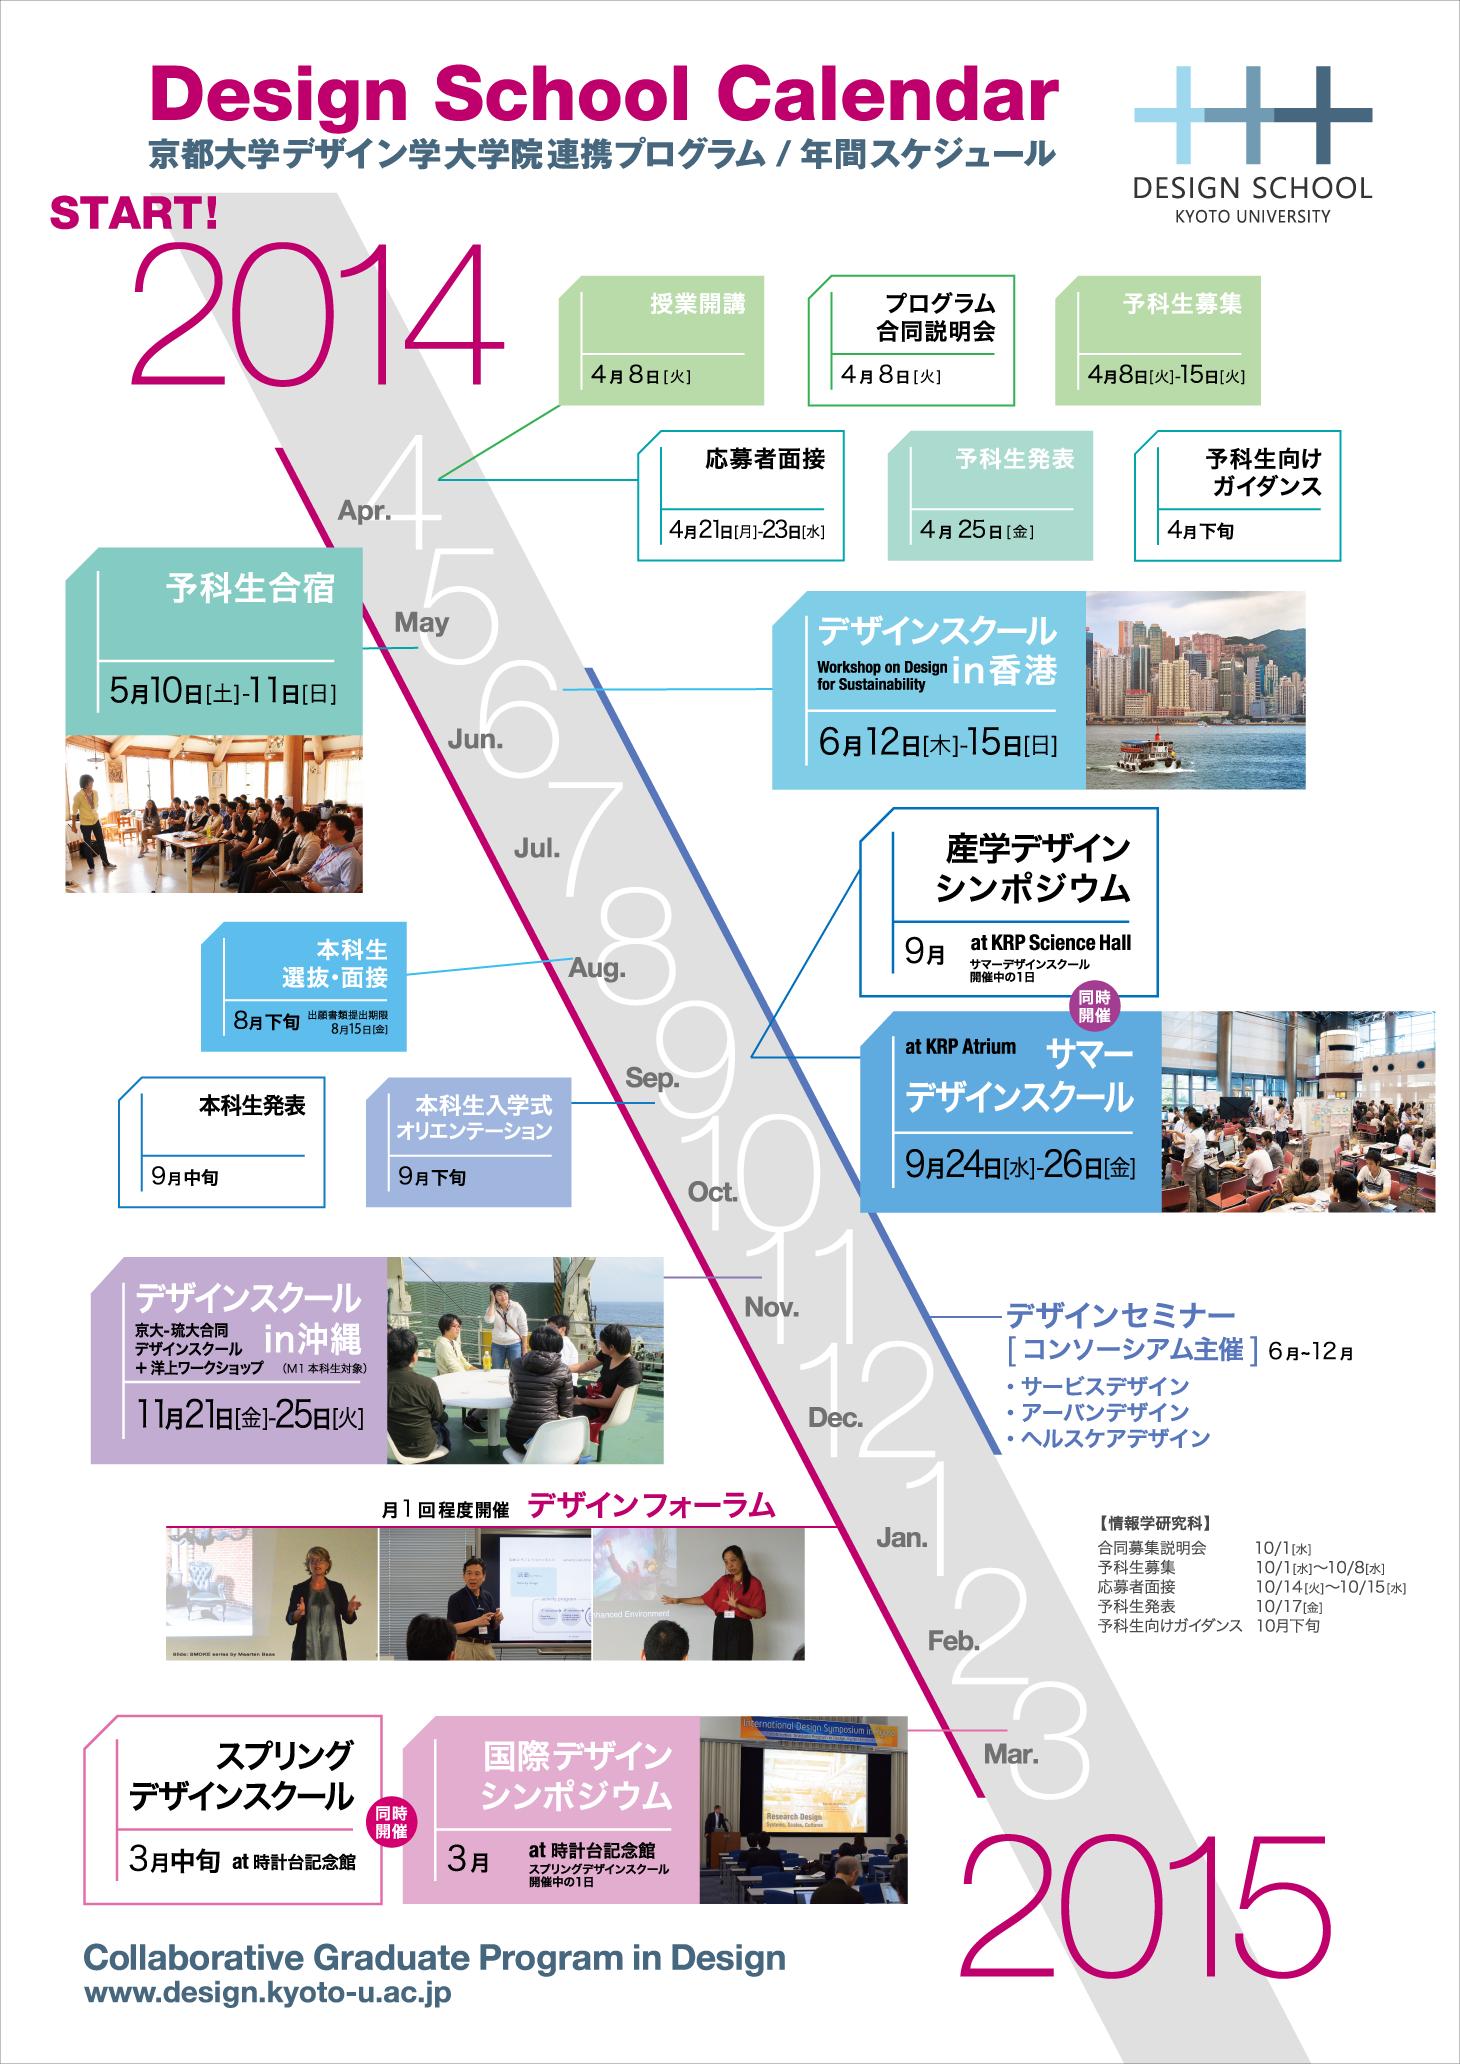 2014年スケジュール Schedule 2014